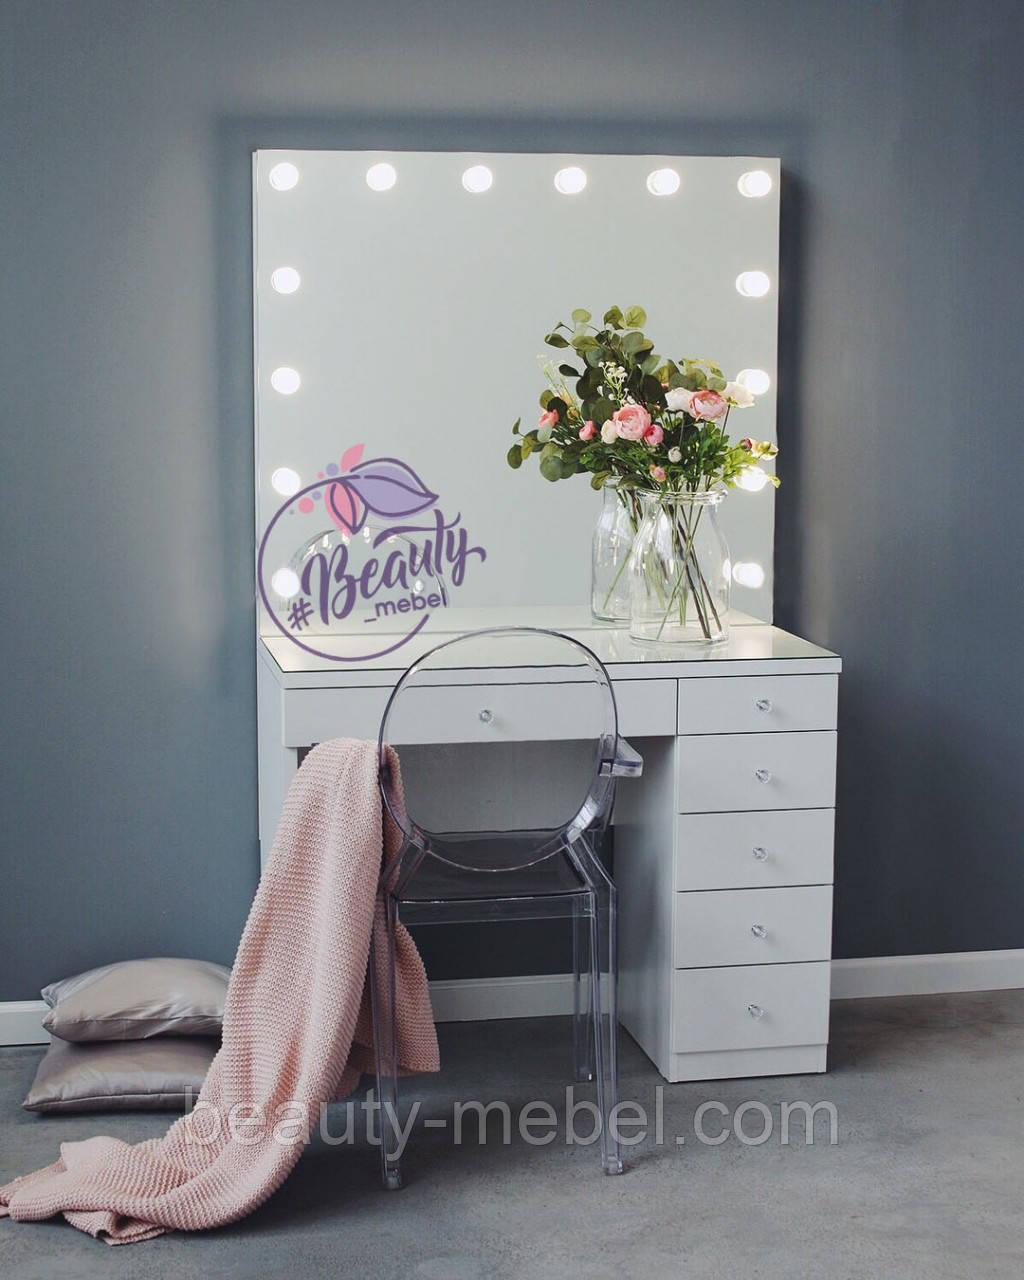 Гримерный стол, стол для макияжа, туалетный столик.